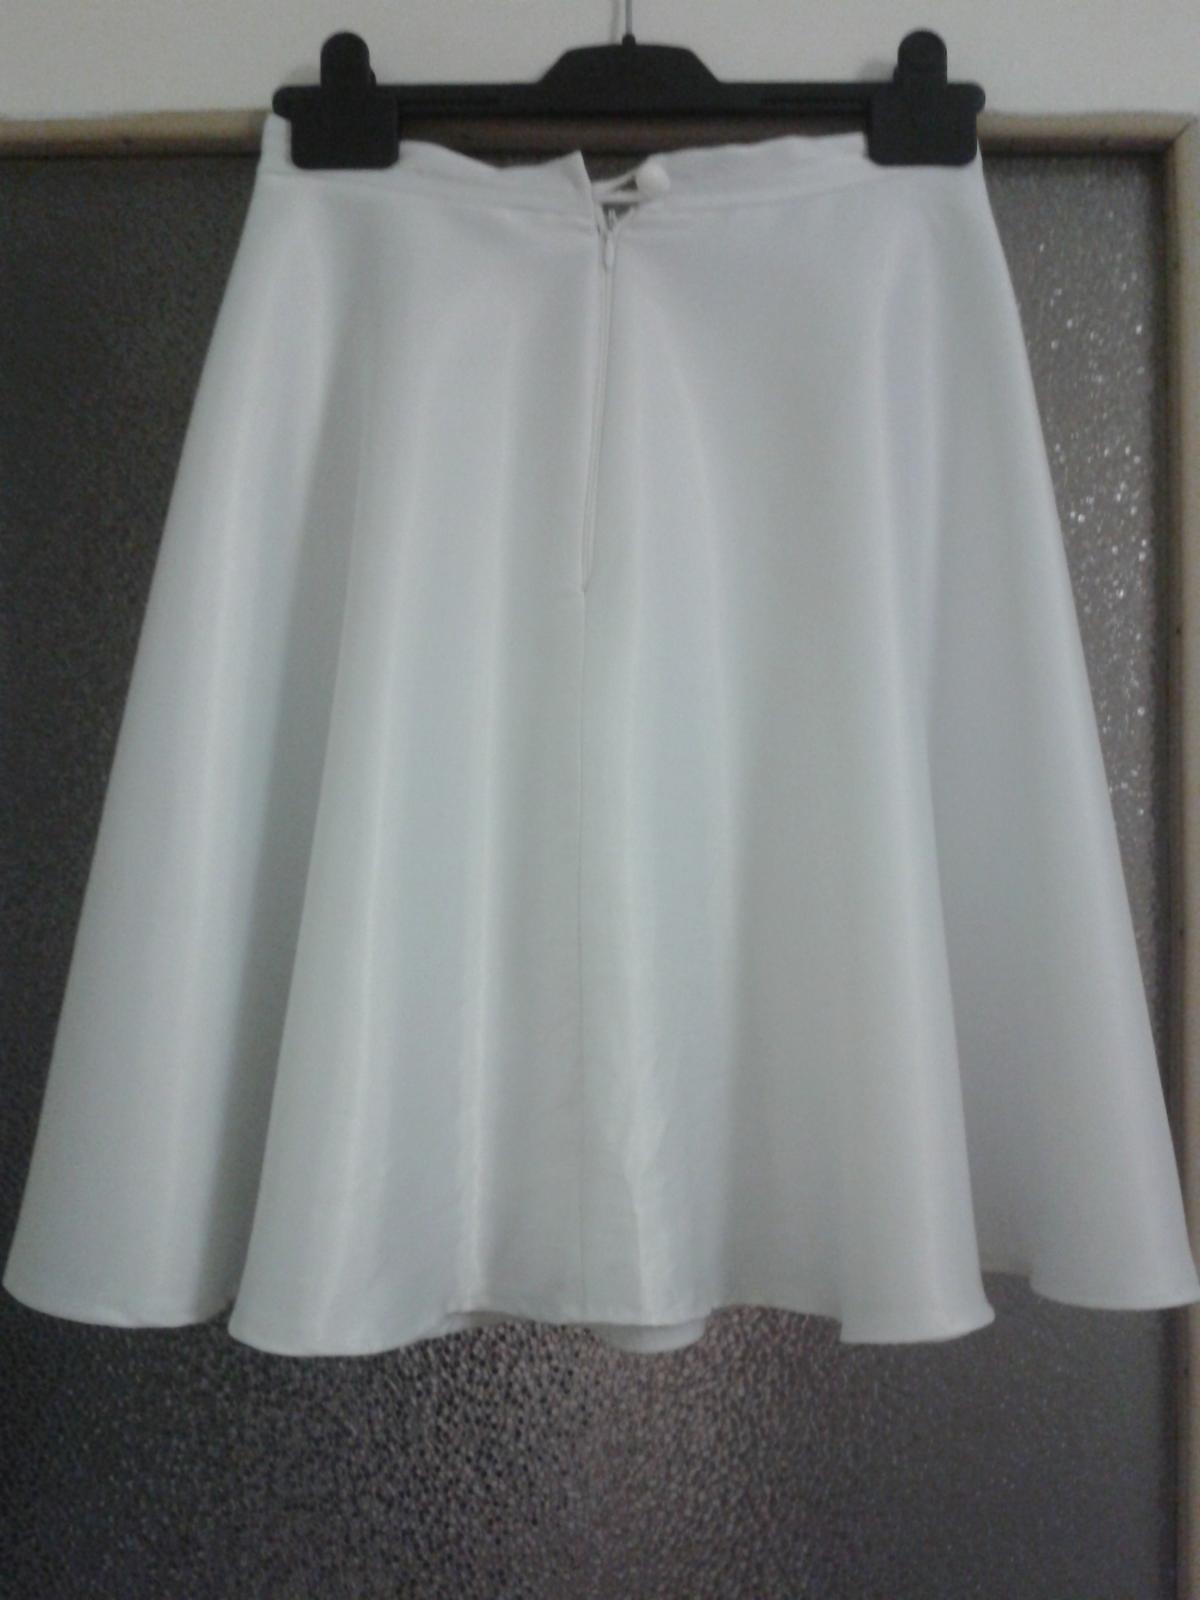 Biela saténová sukňa - Obrázok č. 2